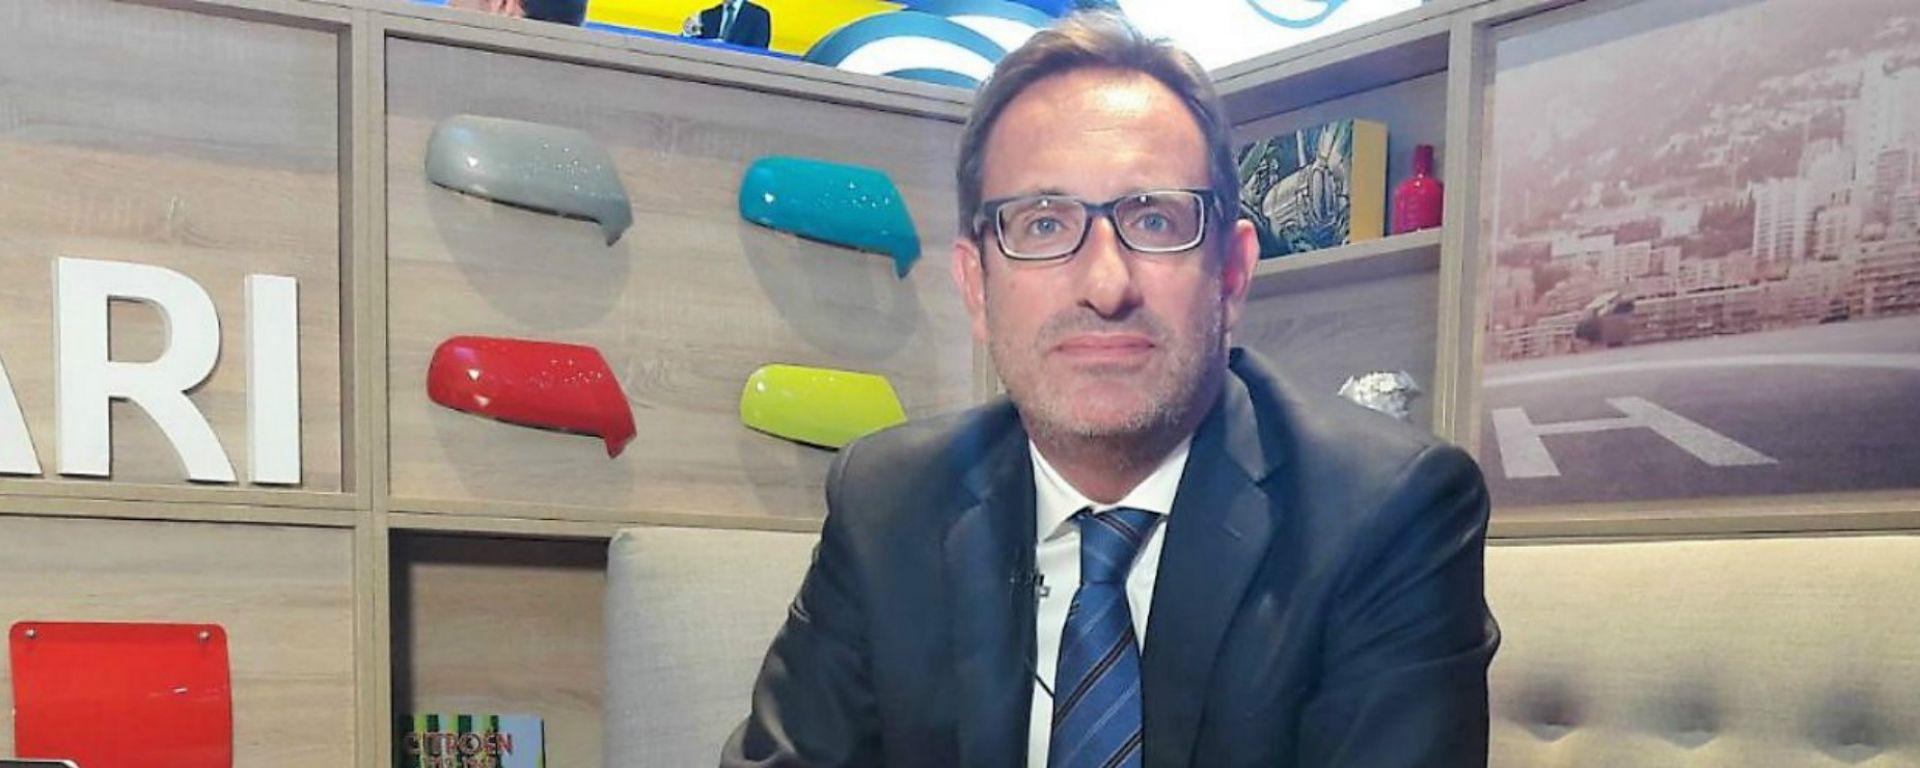 Le novità del Gruppo PSA raccontate da Carlo Leoni, Direttore Comunicazione e Relazioni Esterne Gruppo PSA Italia